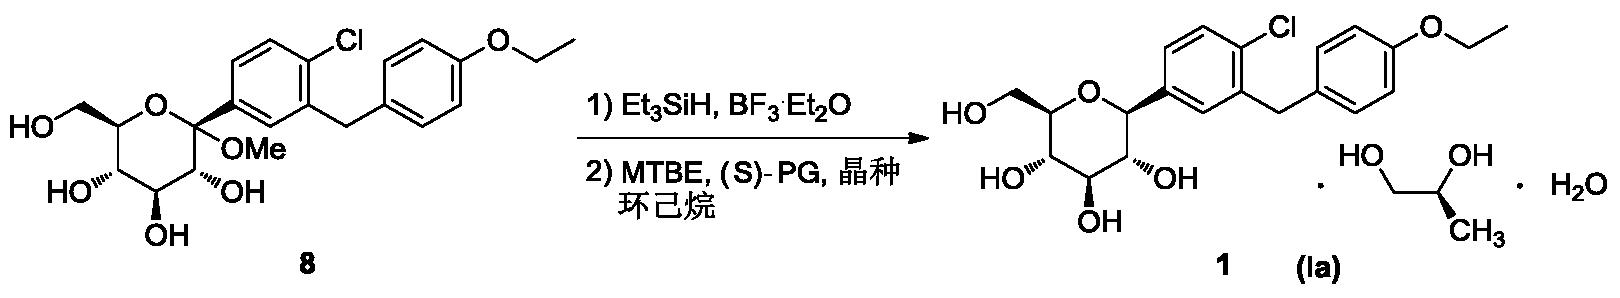 Figure PCTCN2017086106-appb-000007